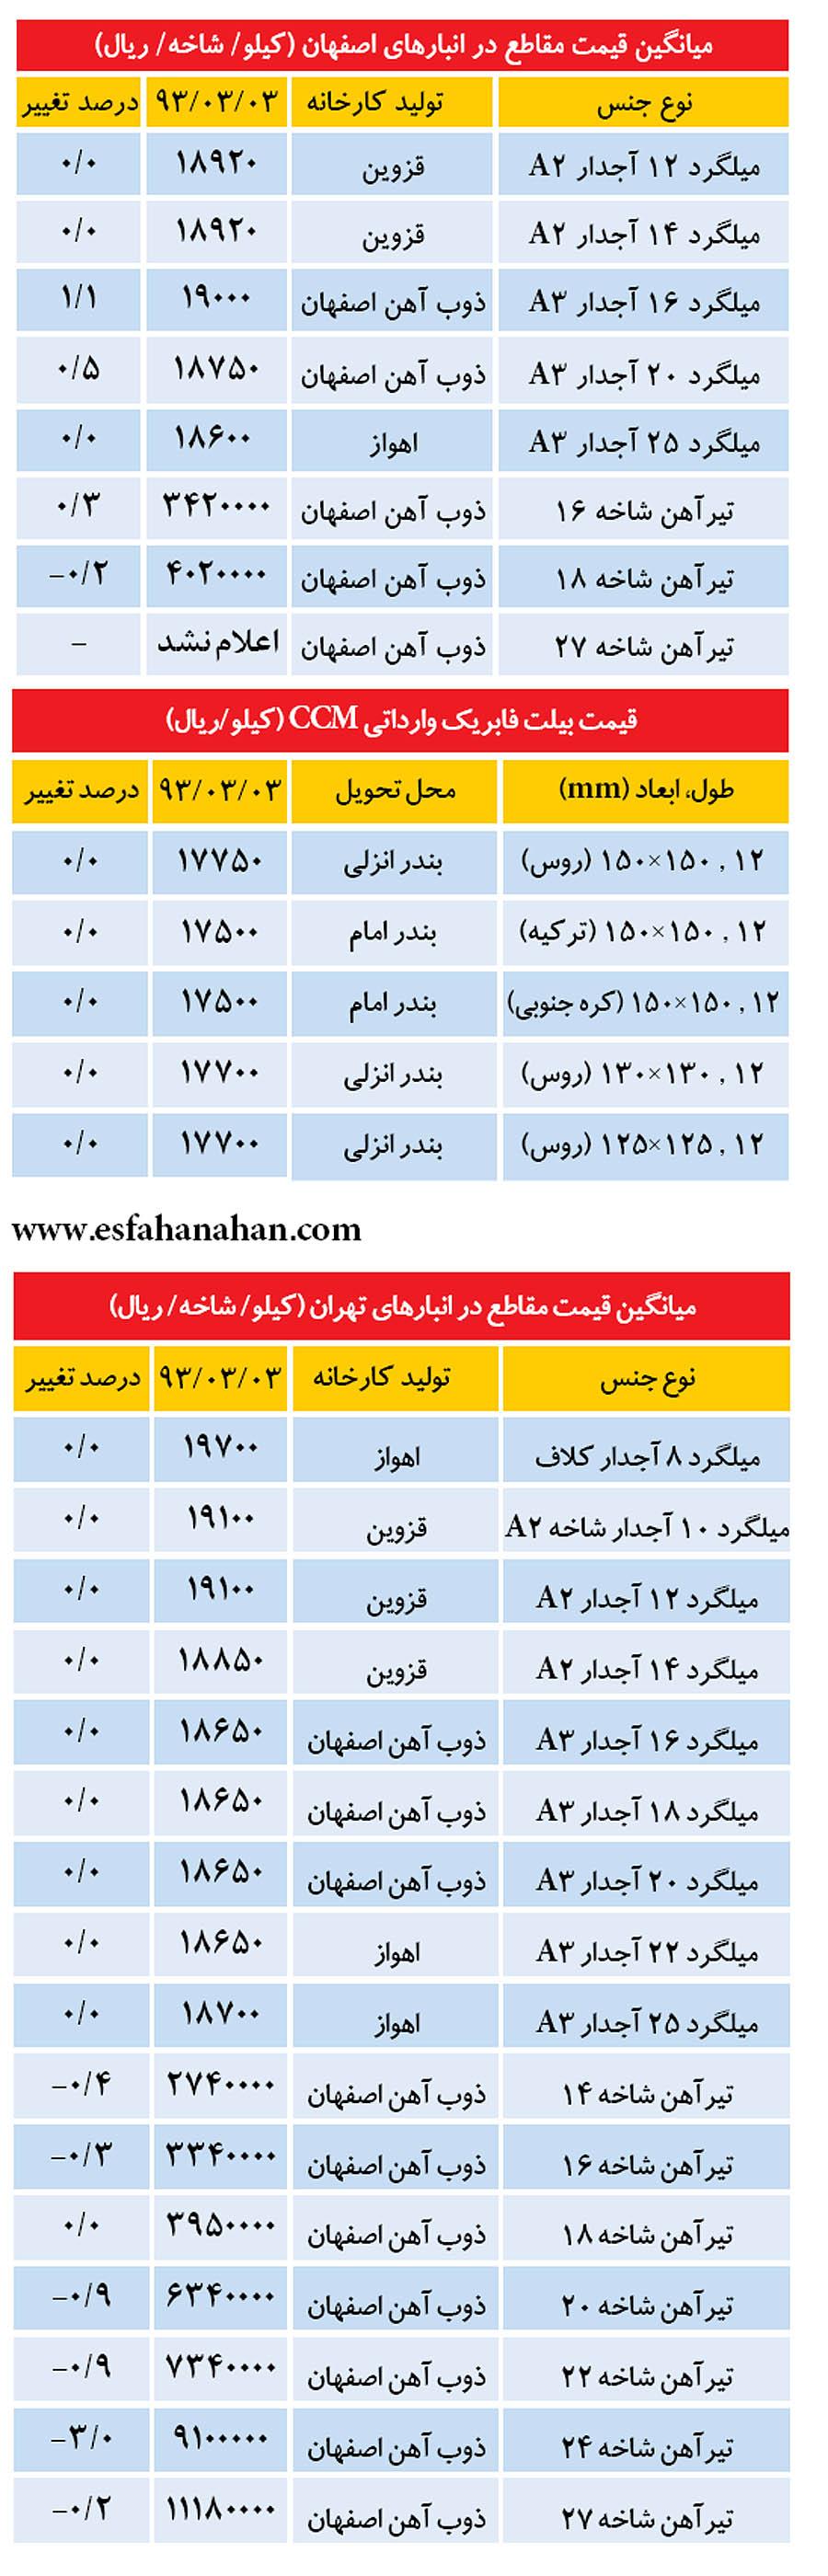 قیمت های جدید آهن آلات 4 خرداد 93